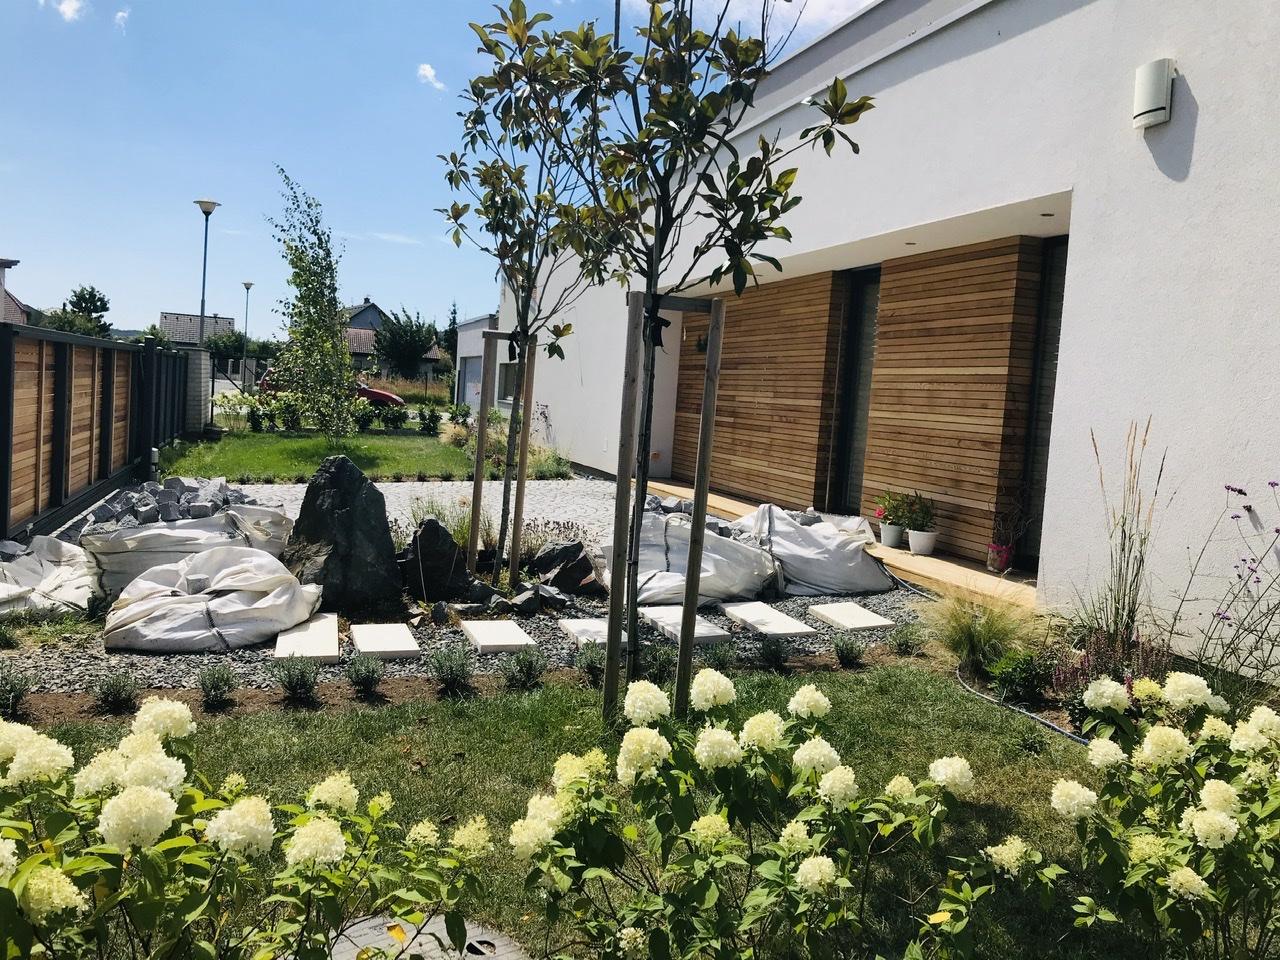 Naše L-ko - začiatok 4. roku bývania - stredná plocha okolo kameňov sa bude robiť na jar - štrk sa nahradí zrejme bridlicou, pozdlz plota sa uroby žulovy chodniček ku smetnemu košu a urobi sa vysadba  v priestore ako su vaky so žulovymi kockami